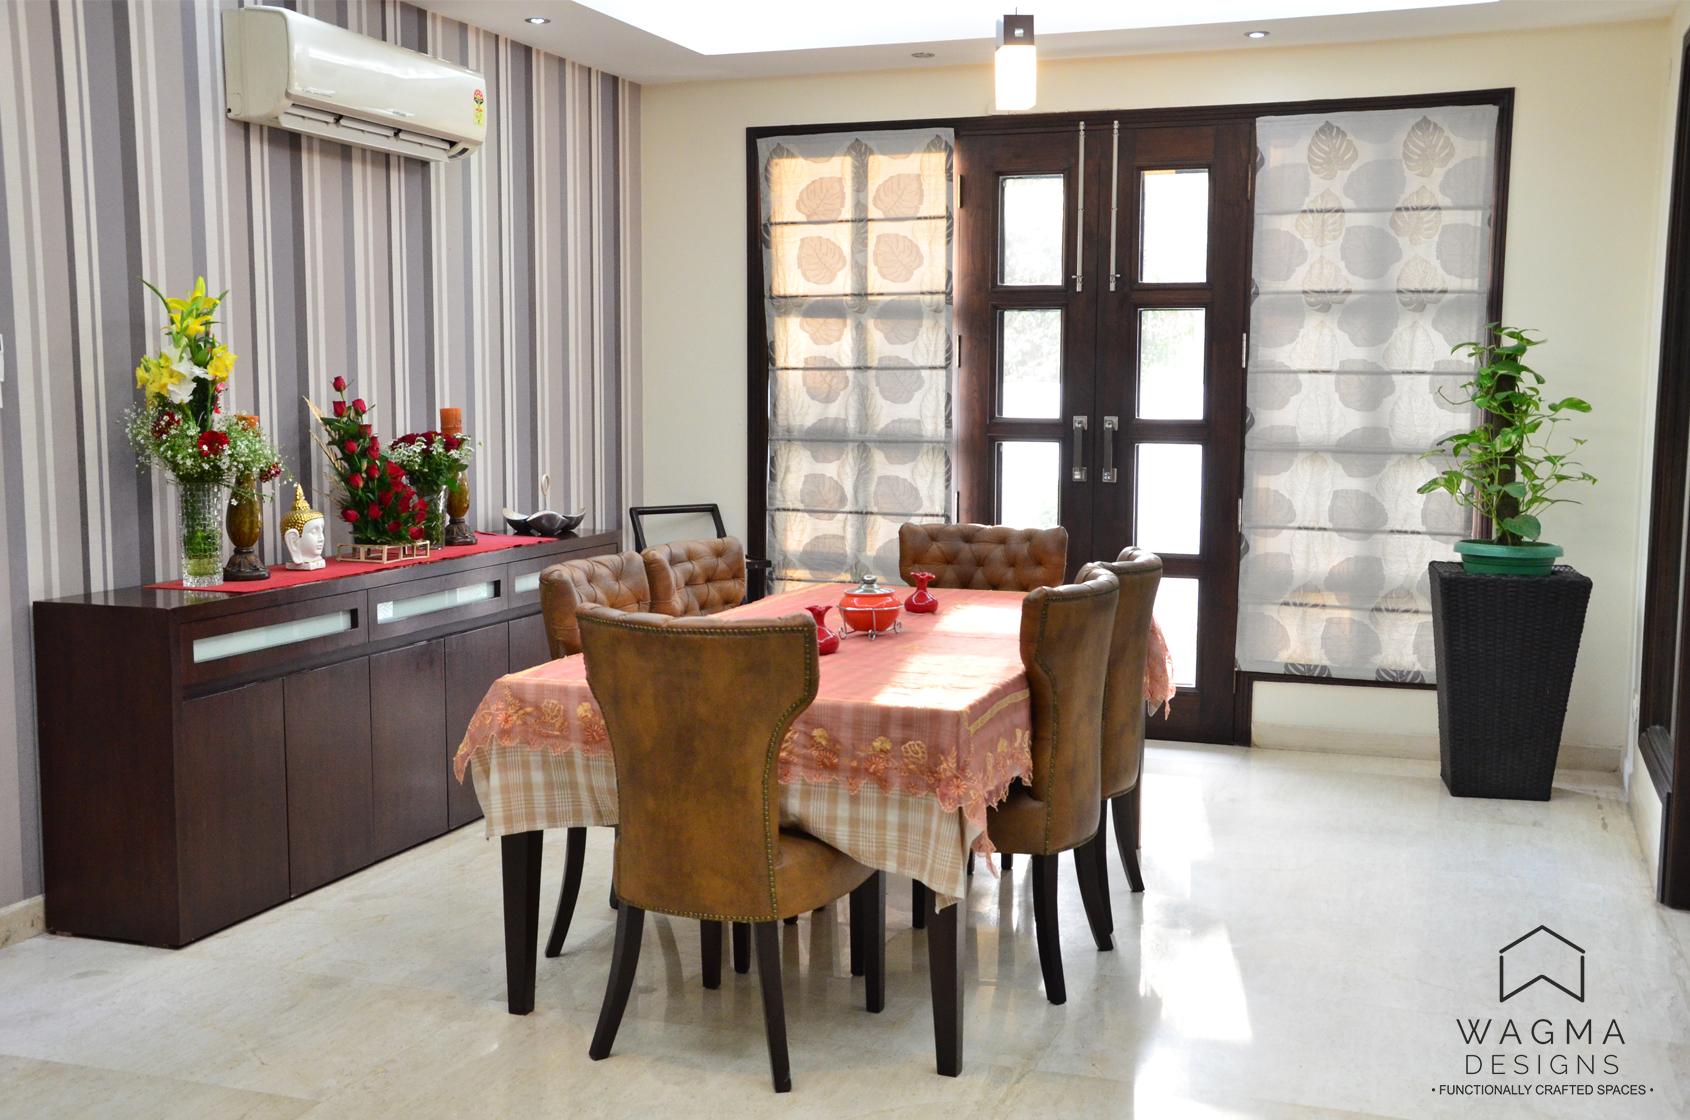 Best Interior Designing Services In Gurgaon